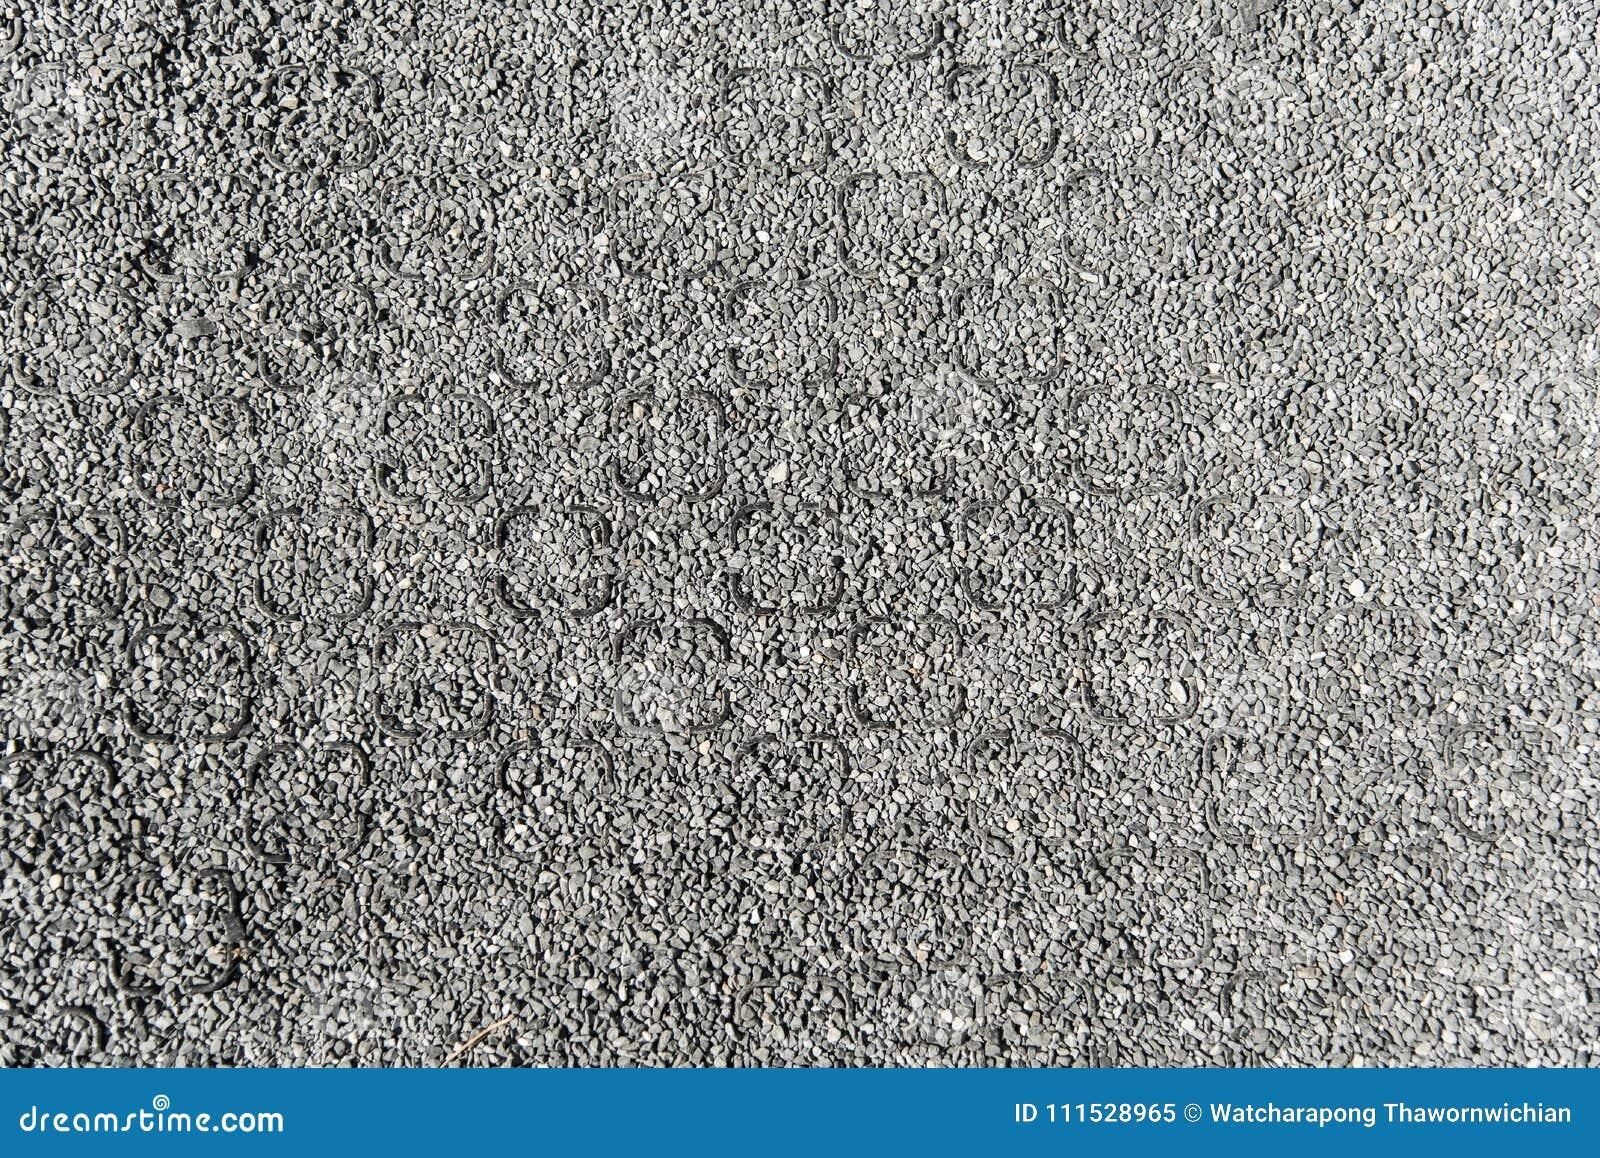 πλαστικό για το αμμοχάλικο σταθεροποιητών